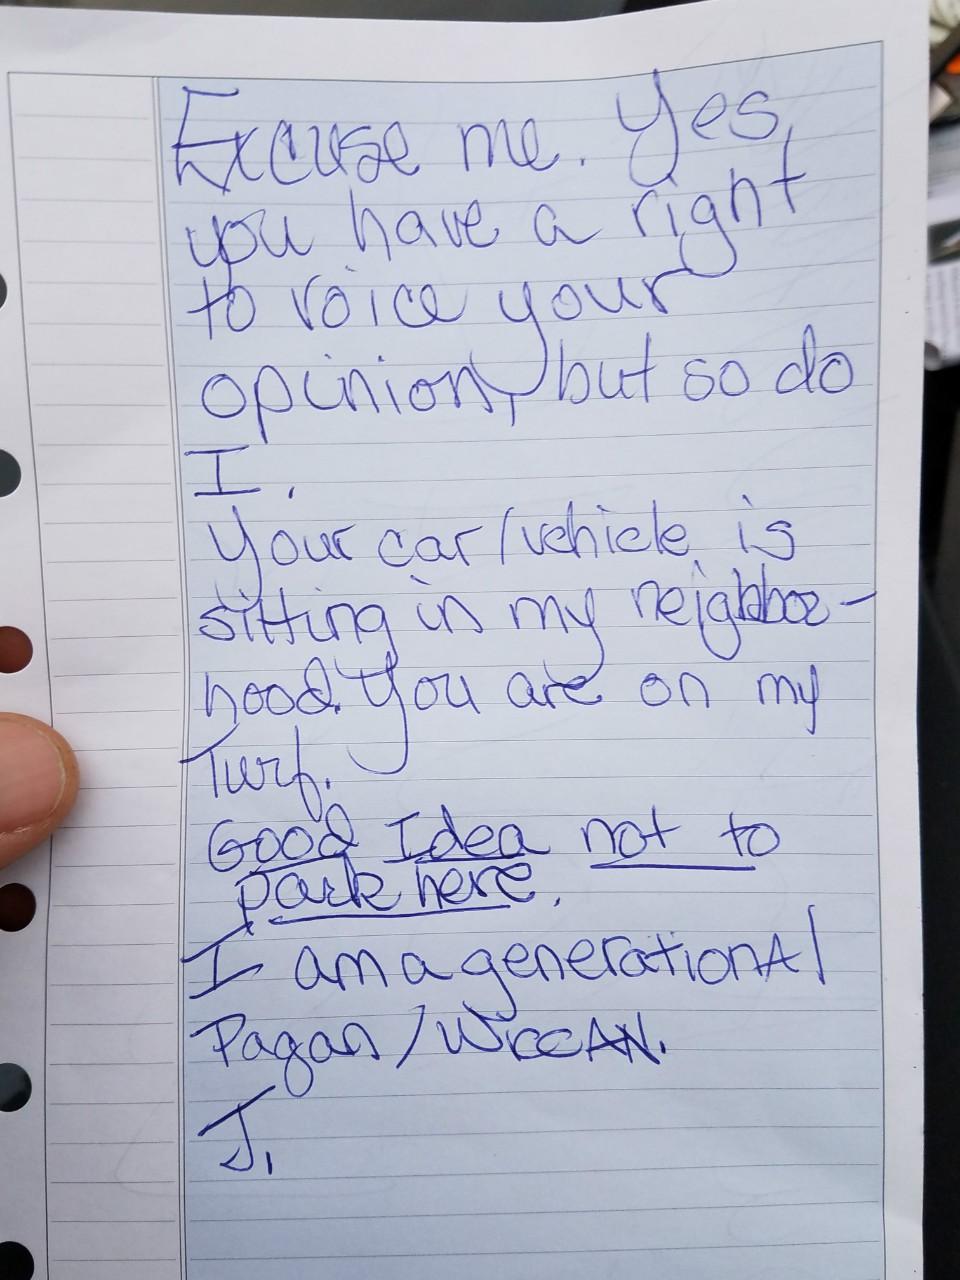 Threatening note